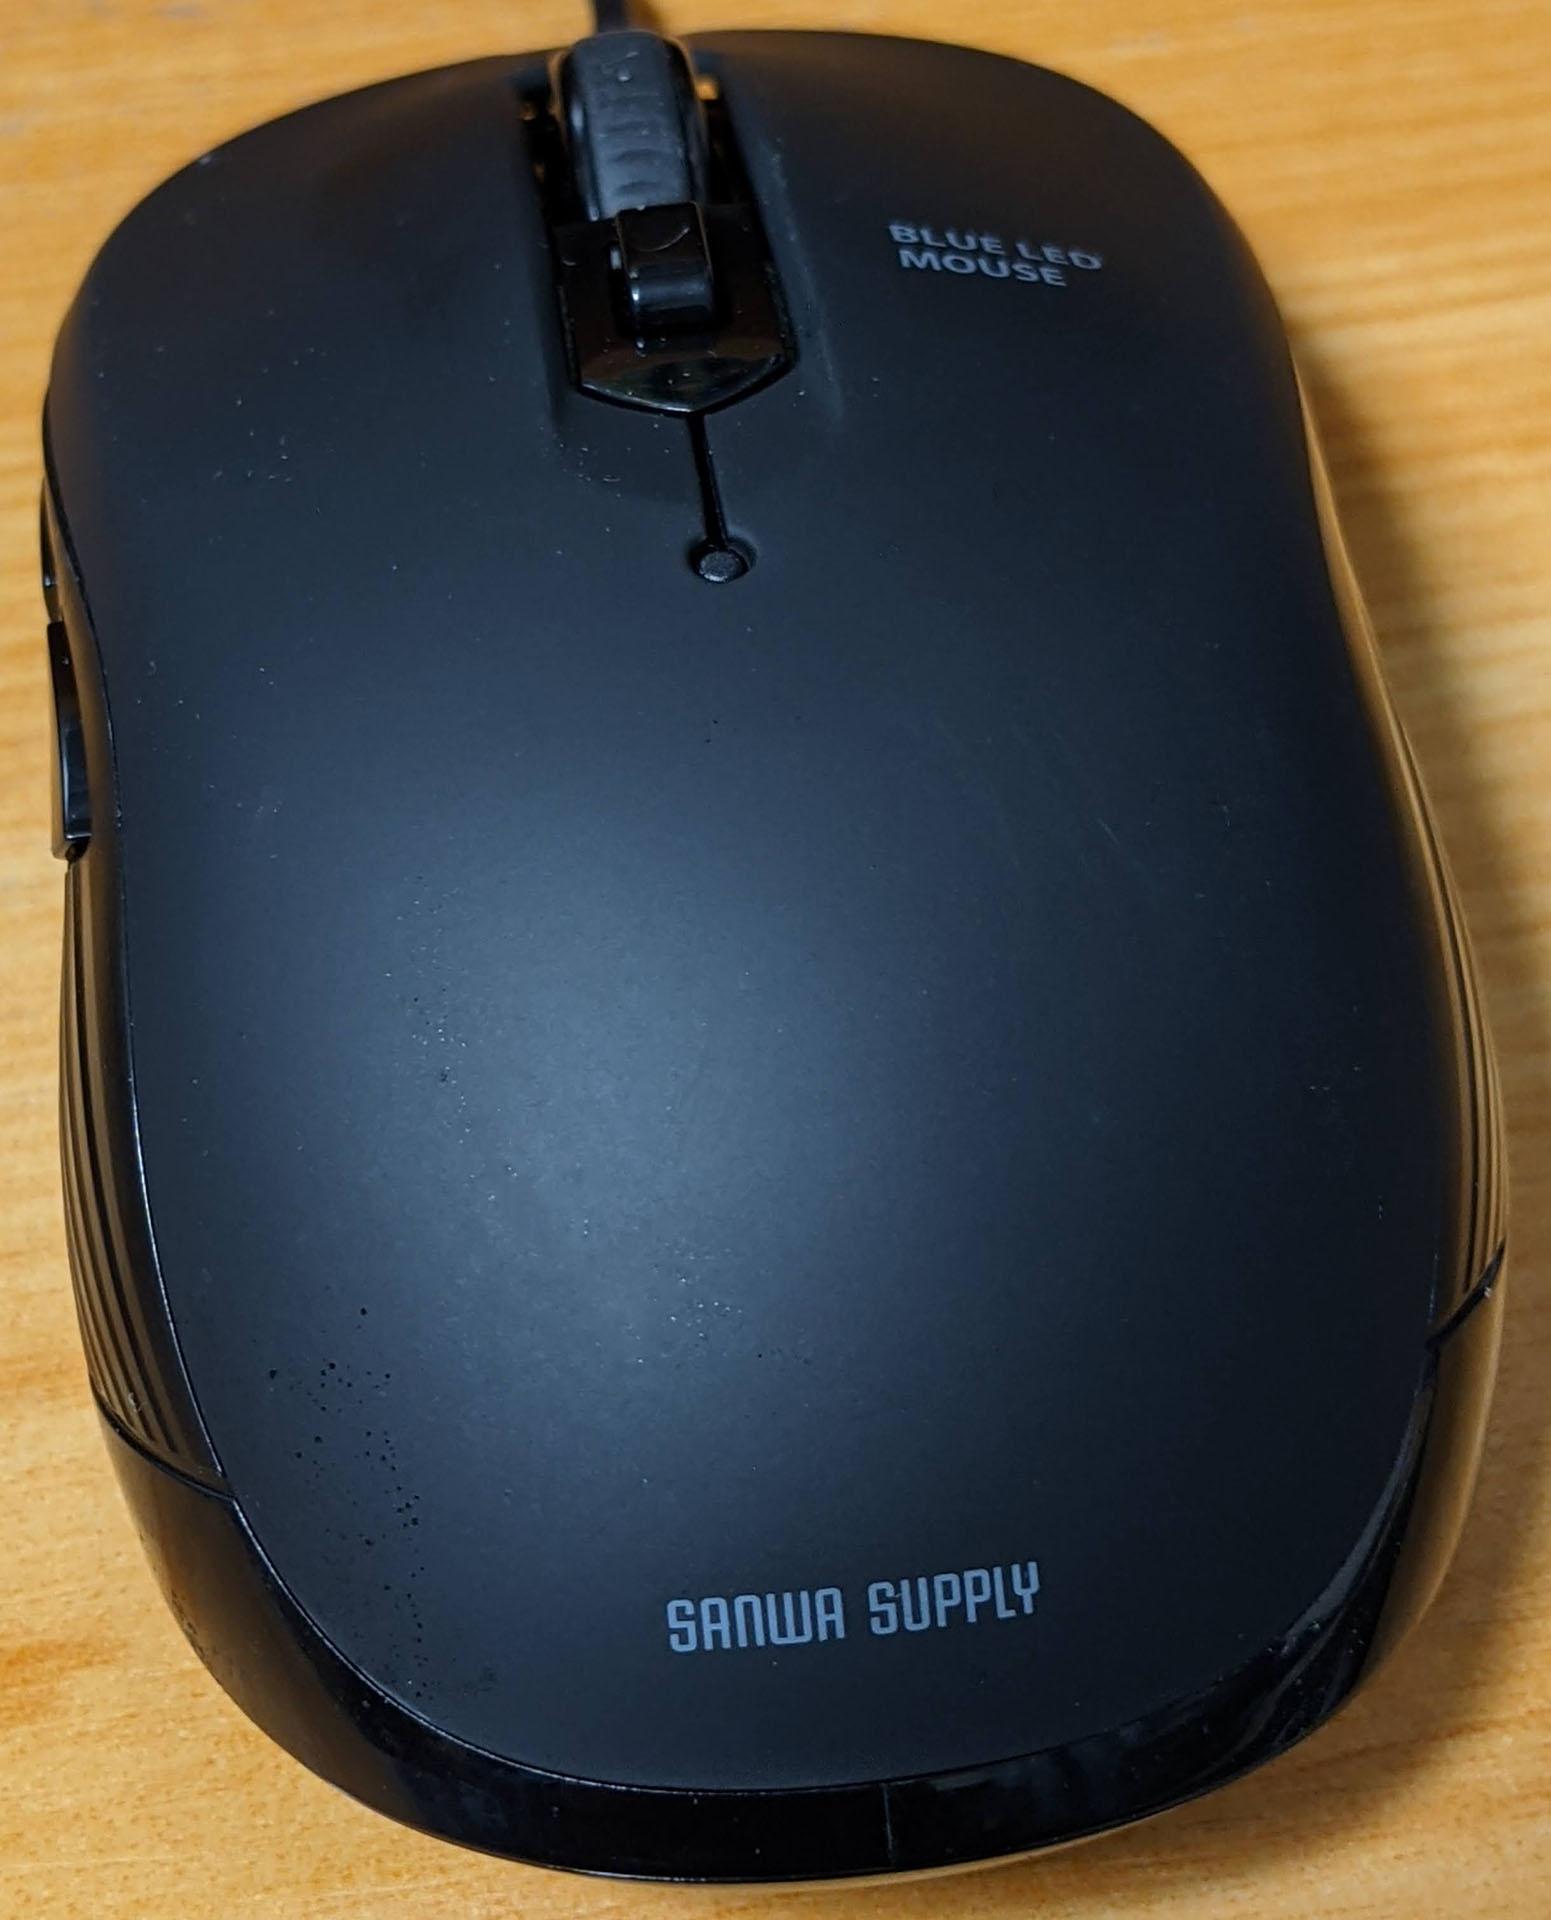 約3年半ぶりぐらいのUSBマウス買い替え